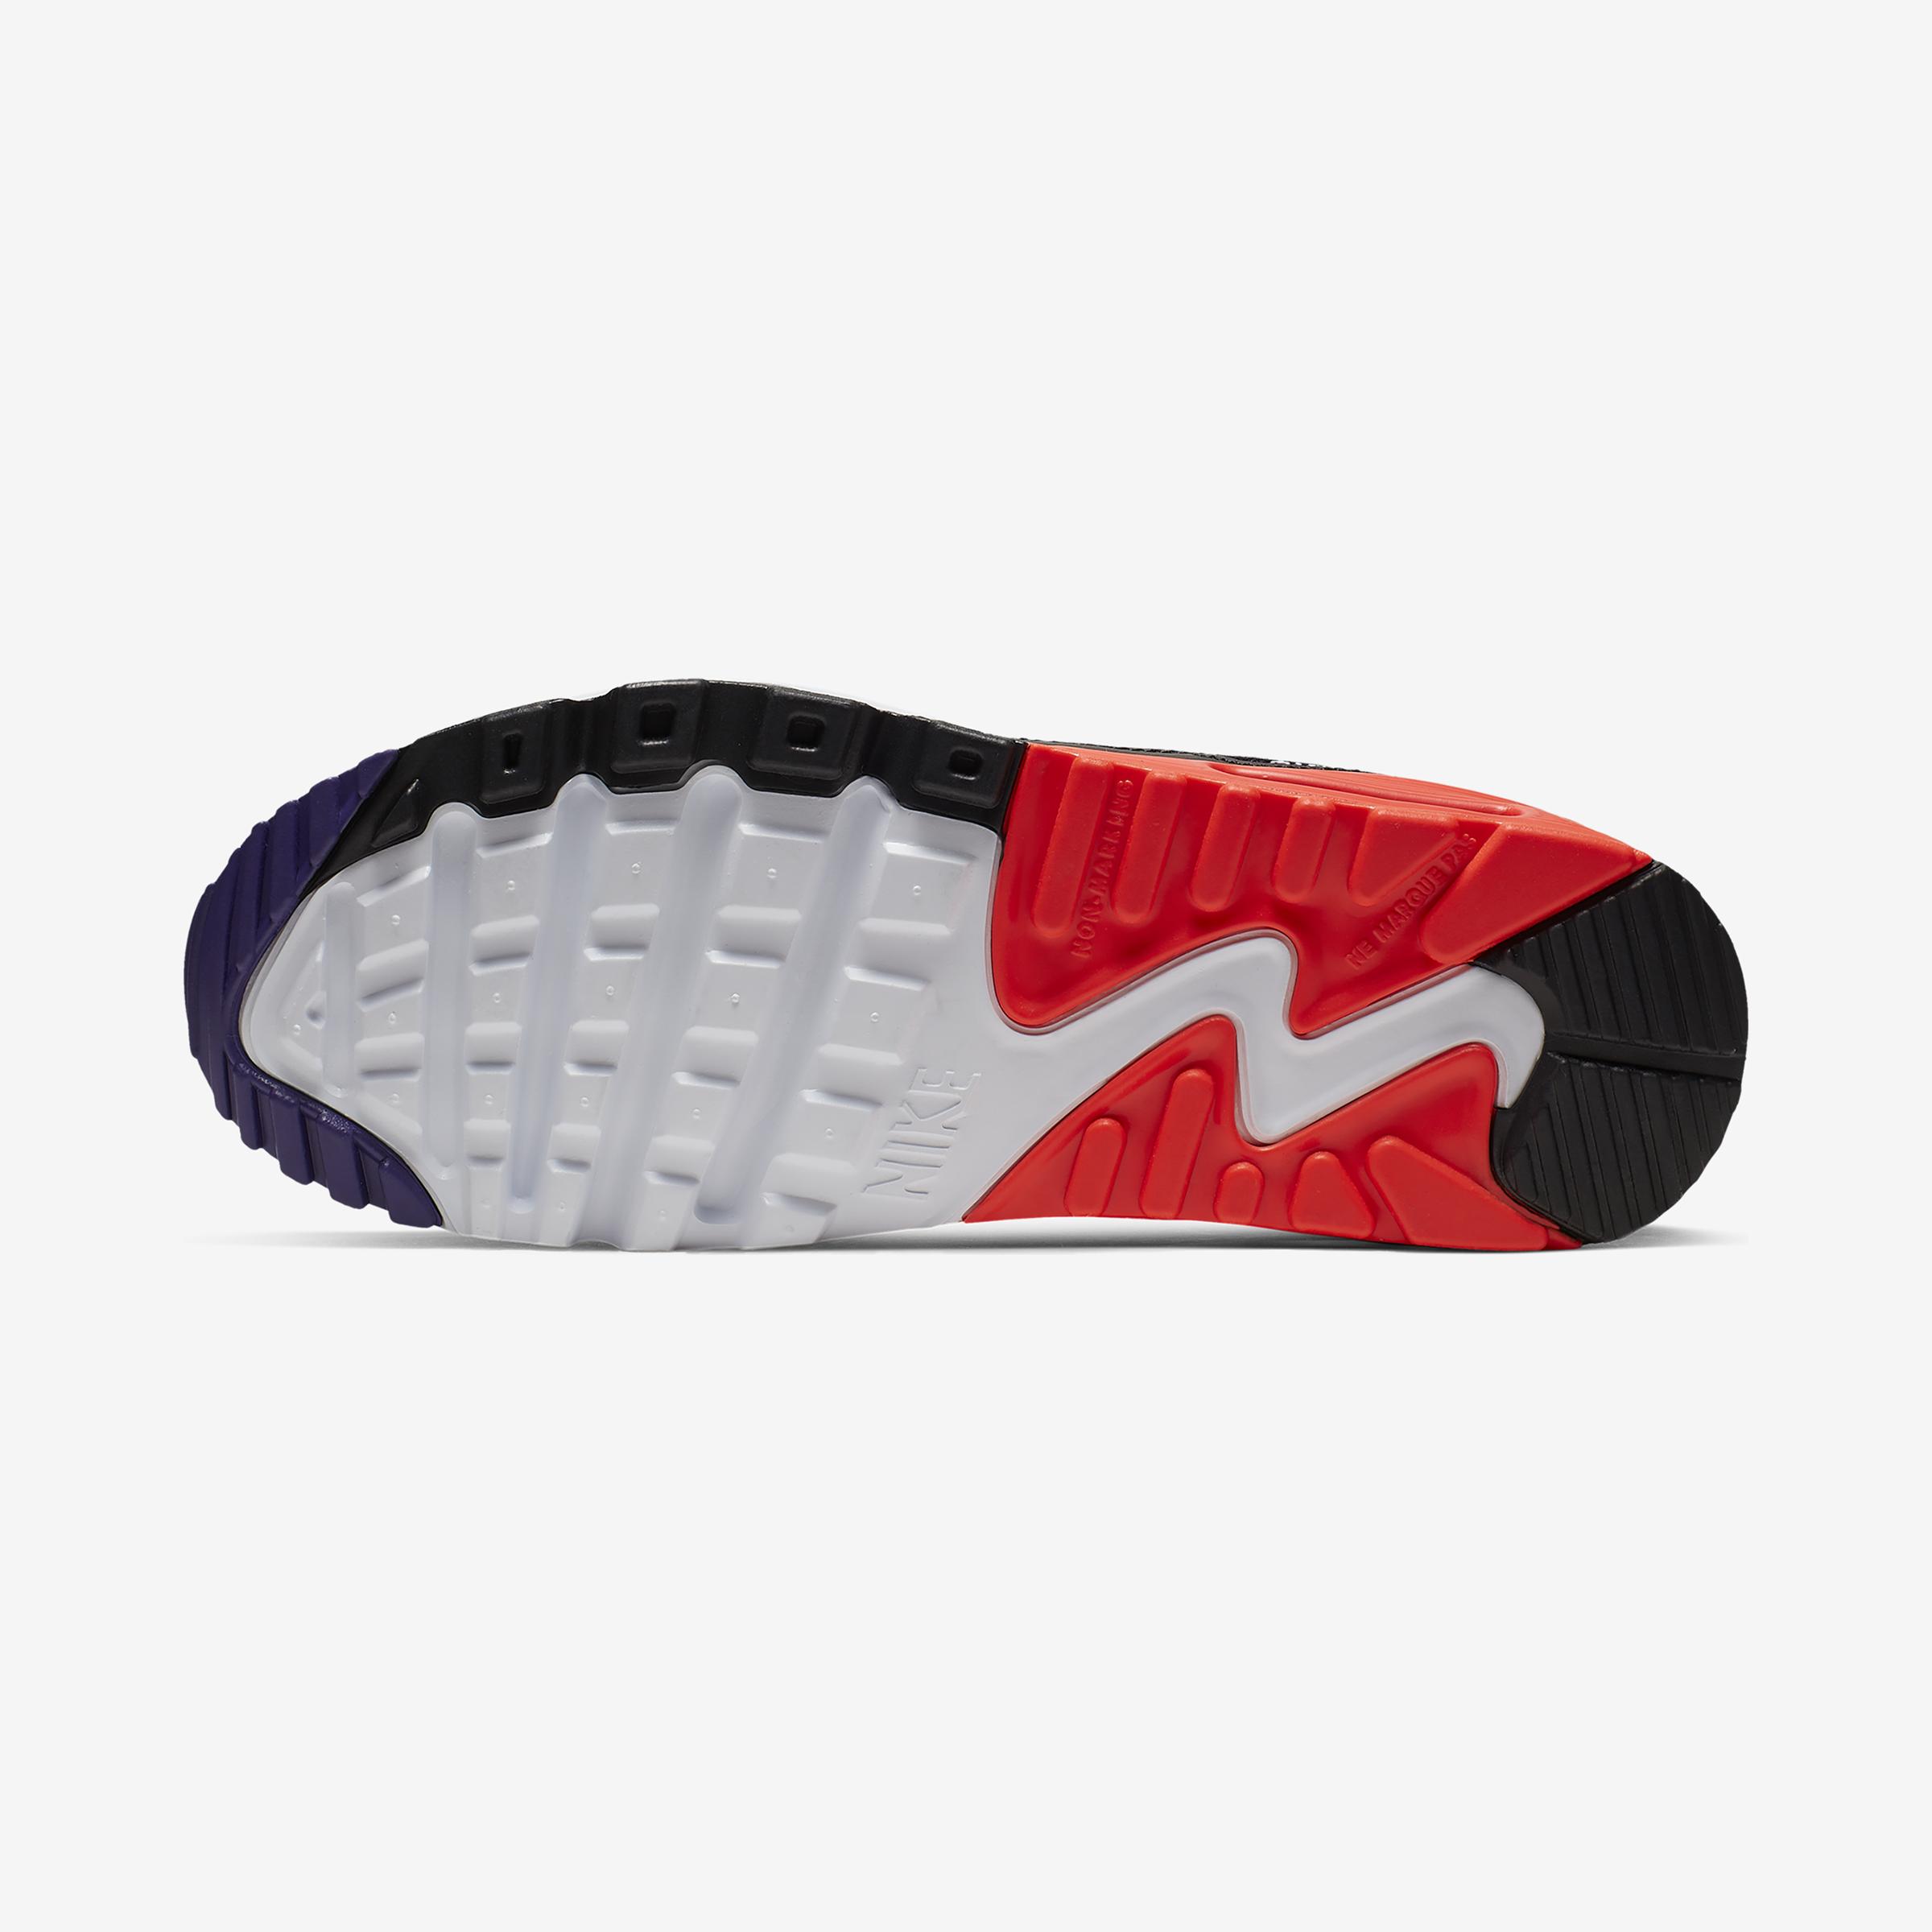 meilleur authentique a891b d8d50 EbLens | Nike Air Max 90 Leather